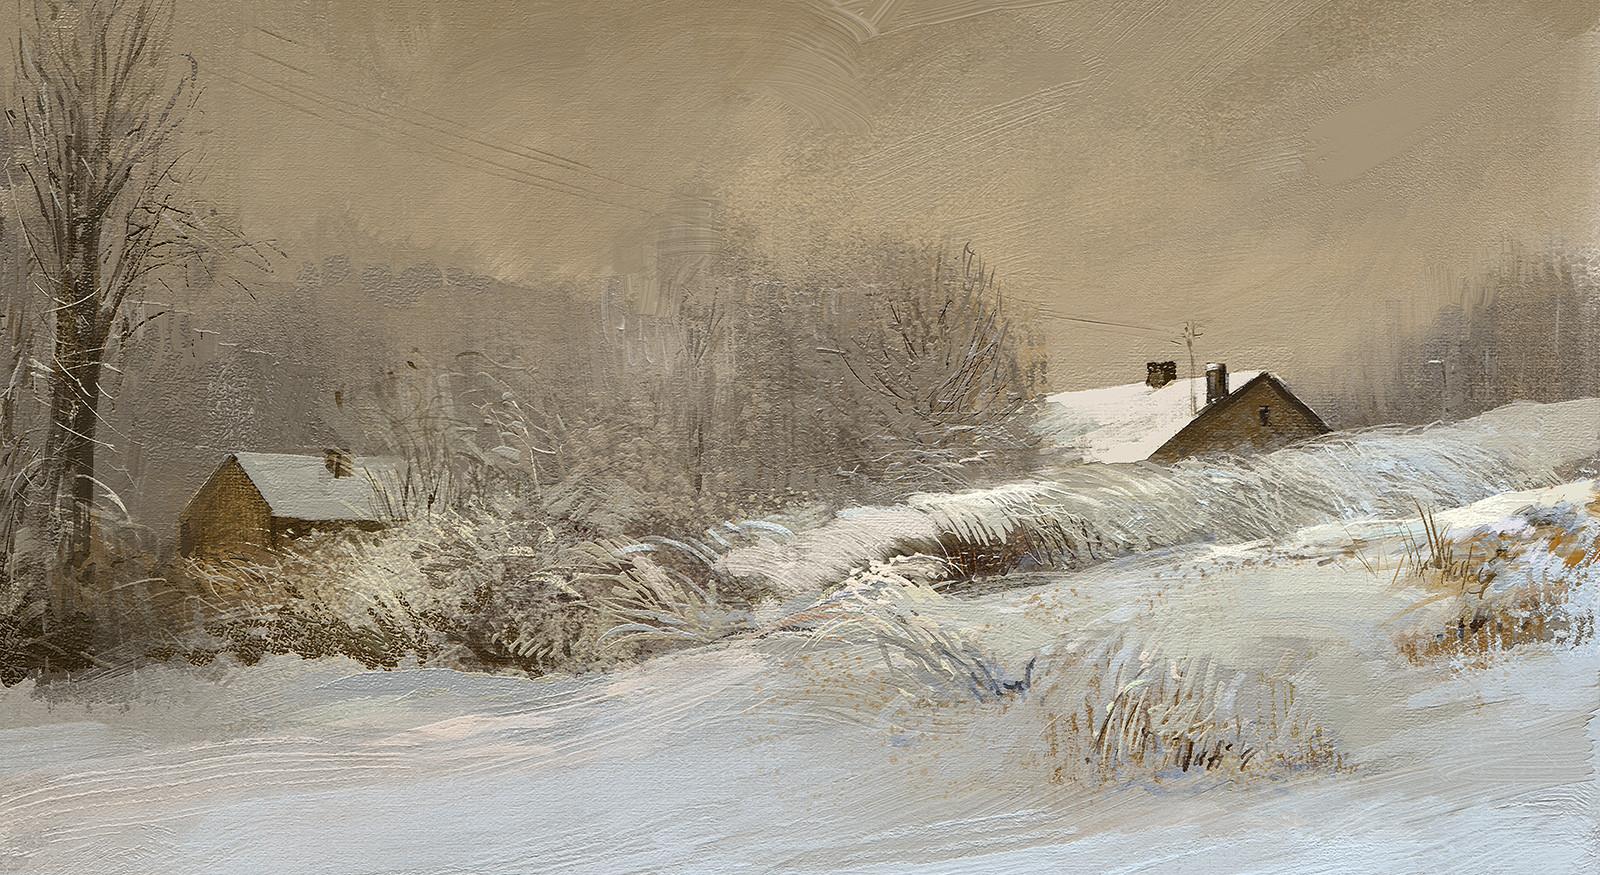 Tymoteusz chliszcz winter landscape4